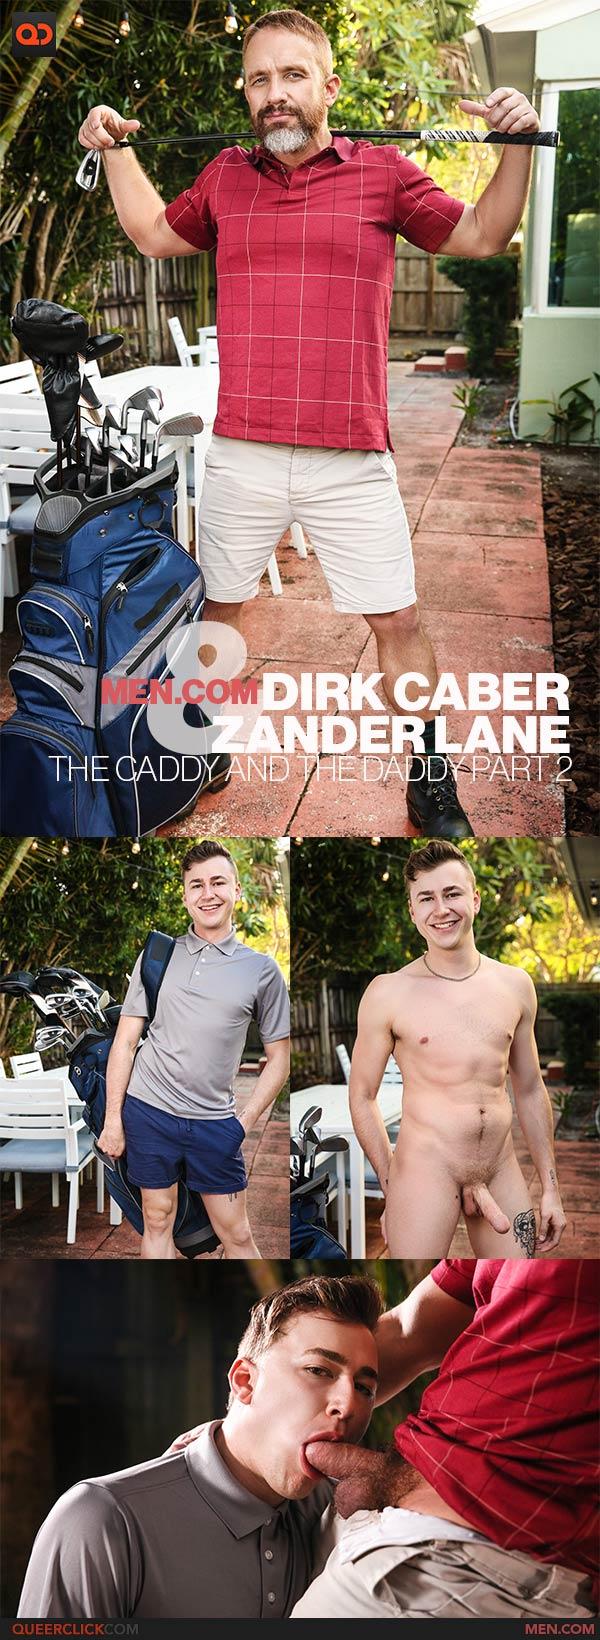 Men.com: Zander Lane and Dirk Caber